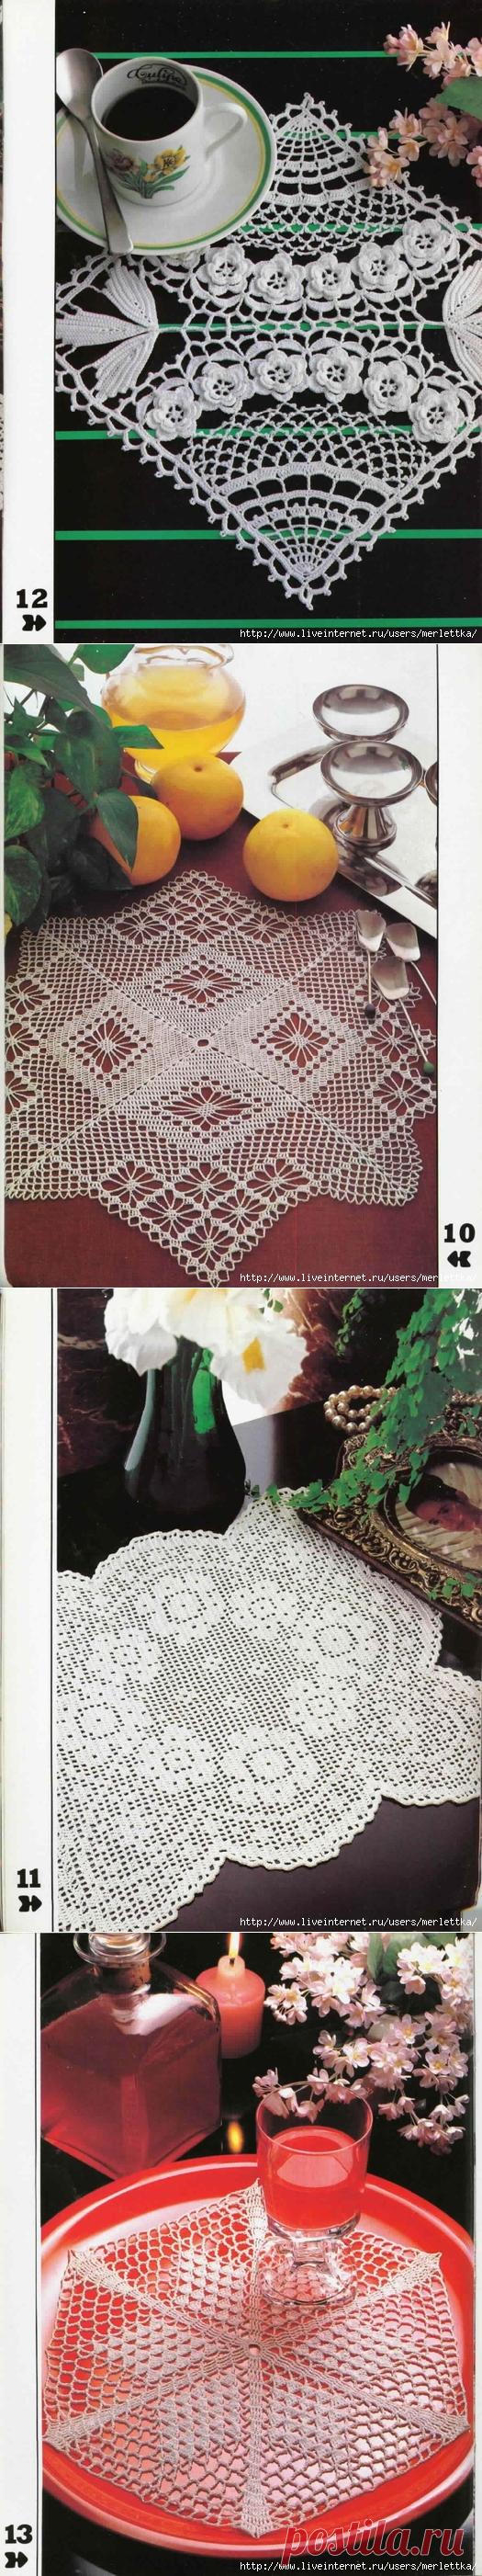 Decorative Crochet 1 / ЖУРНАЛЫ и КНИГИ - самое популярное и интересное